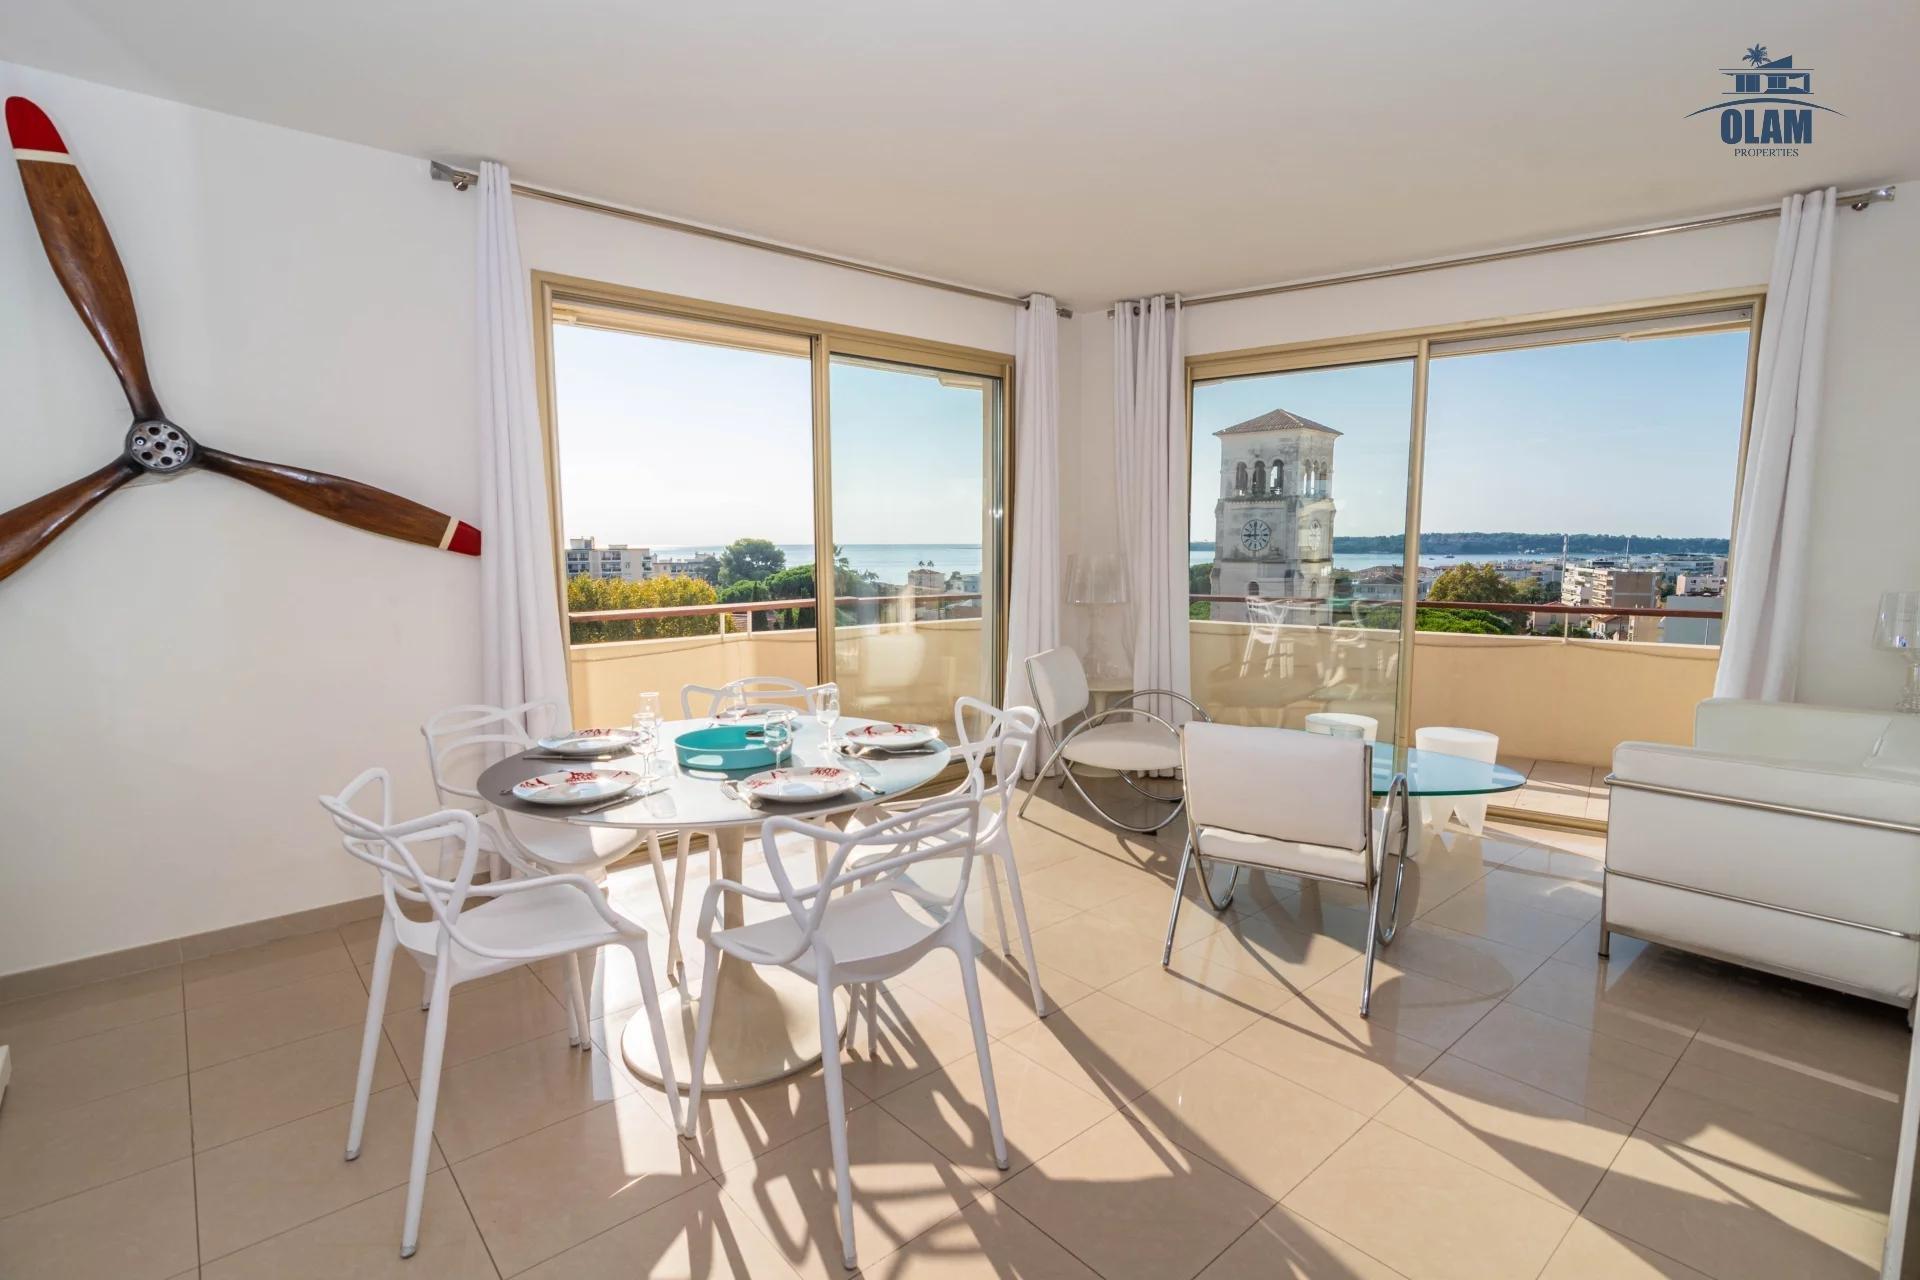 Cannes Basse Californie Splendid Rooftop